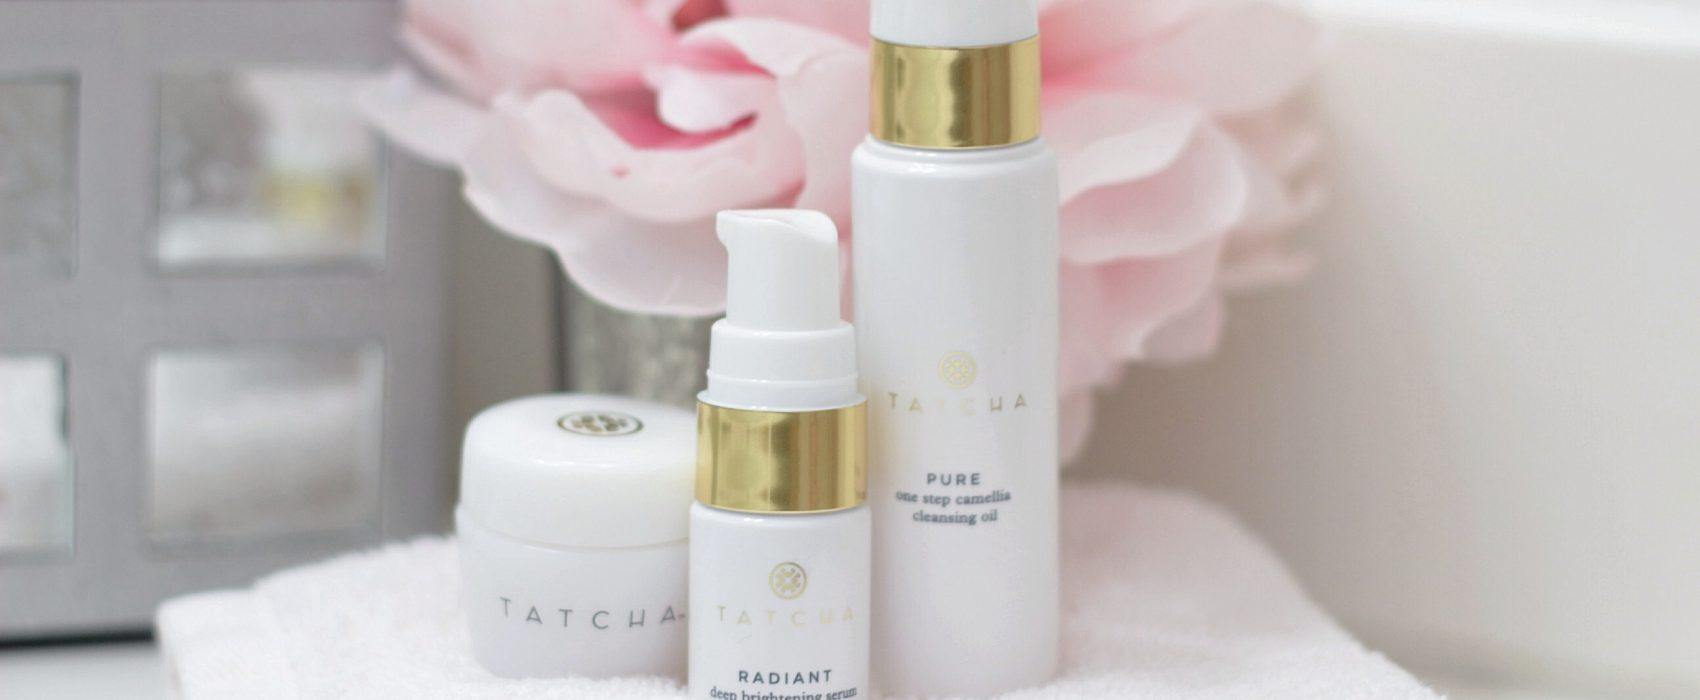 TATCHA-Skincare-Beauty-MakeupLifeLove-Skincare